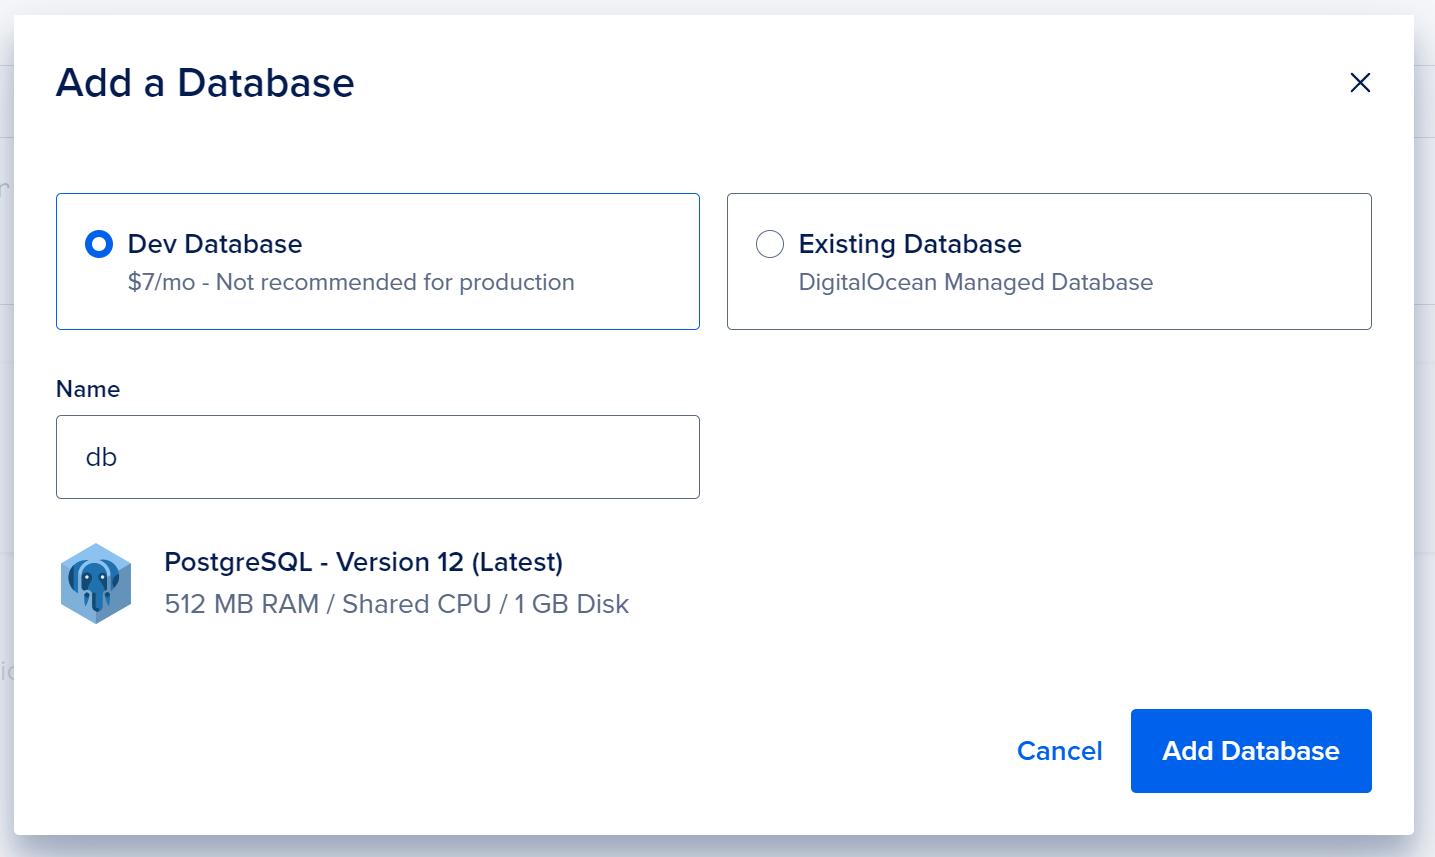 Add a database